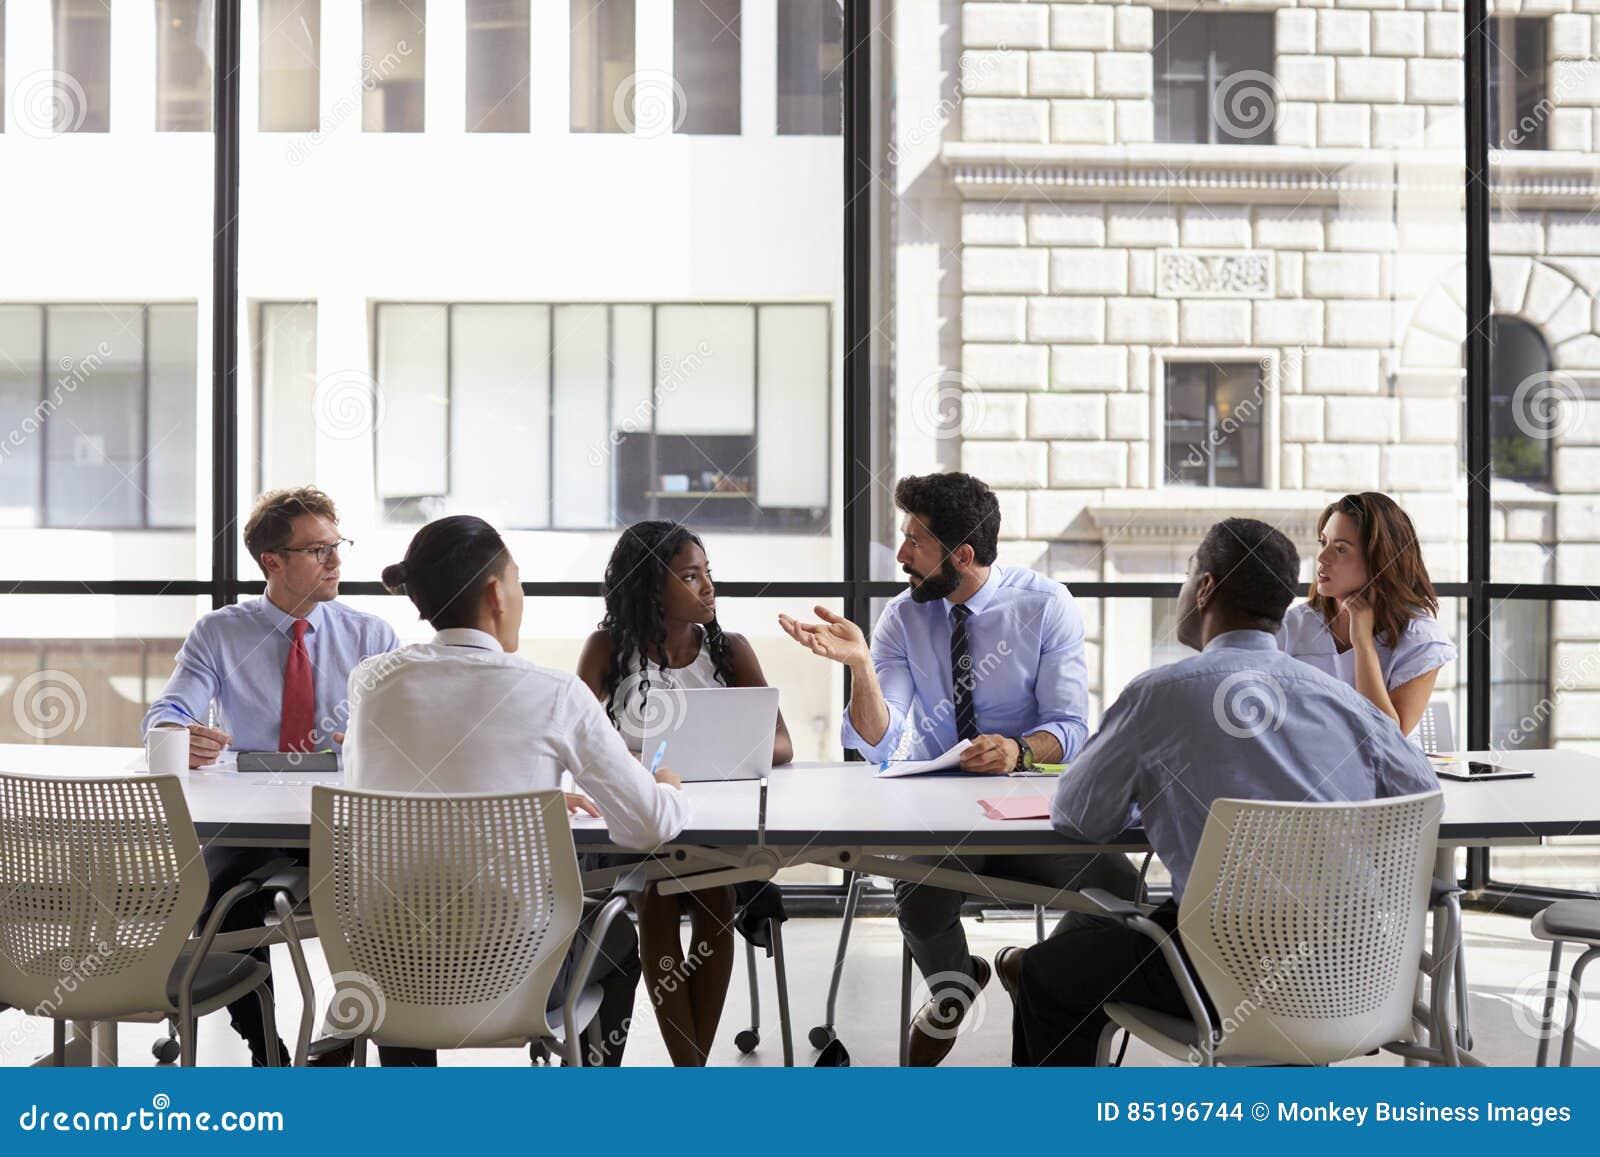 Idee Ufficio Open Space : Riunione del gruppo di affari corporativi in un ufficio open space